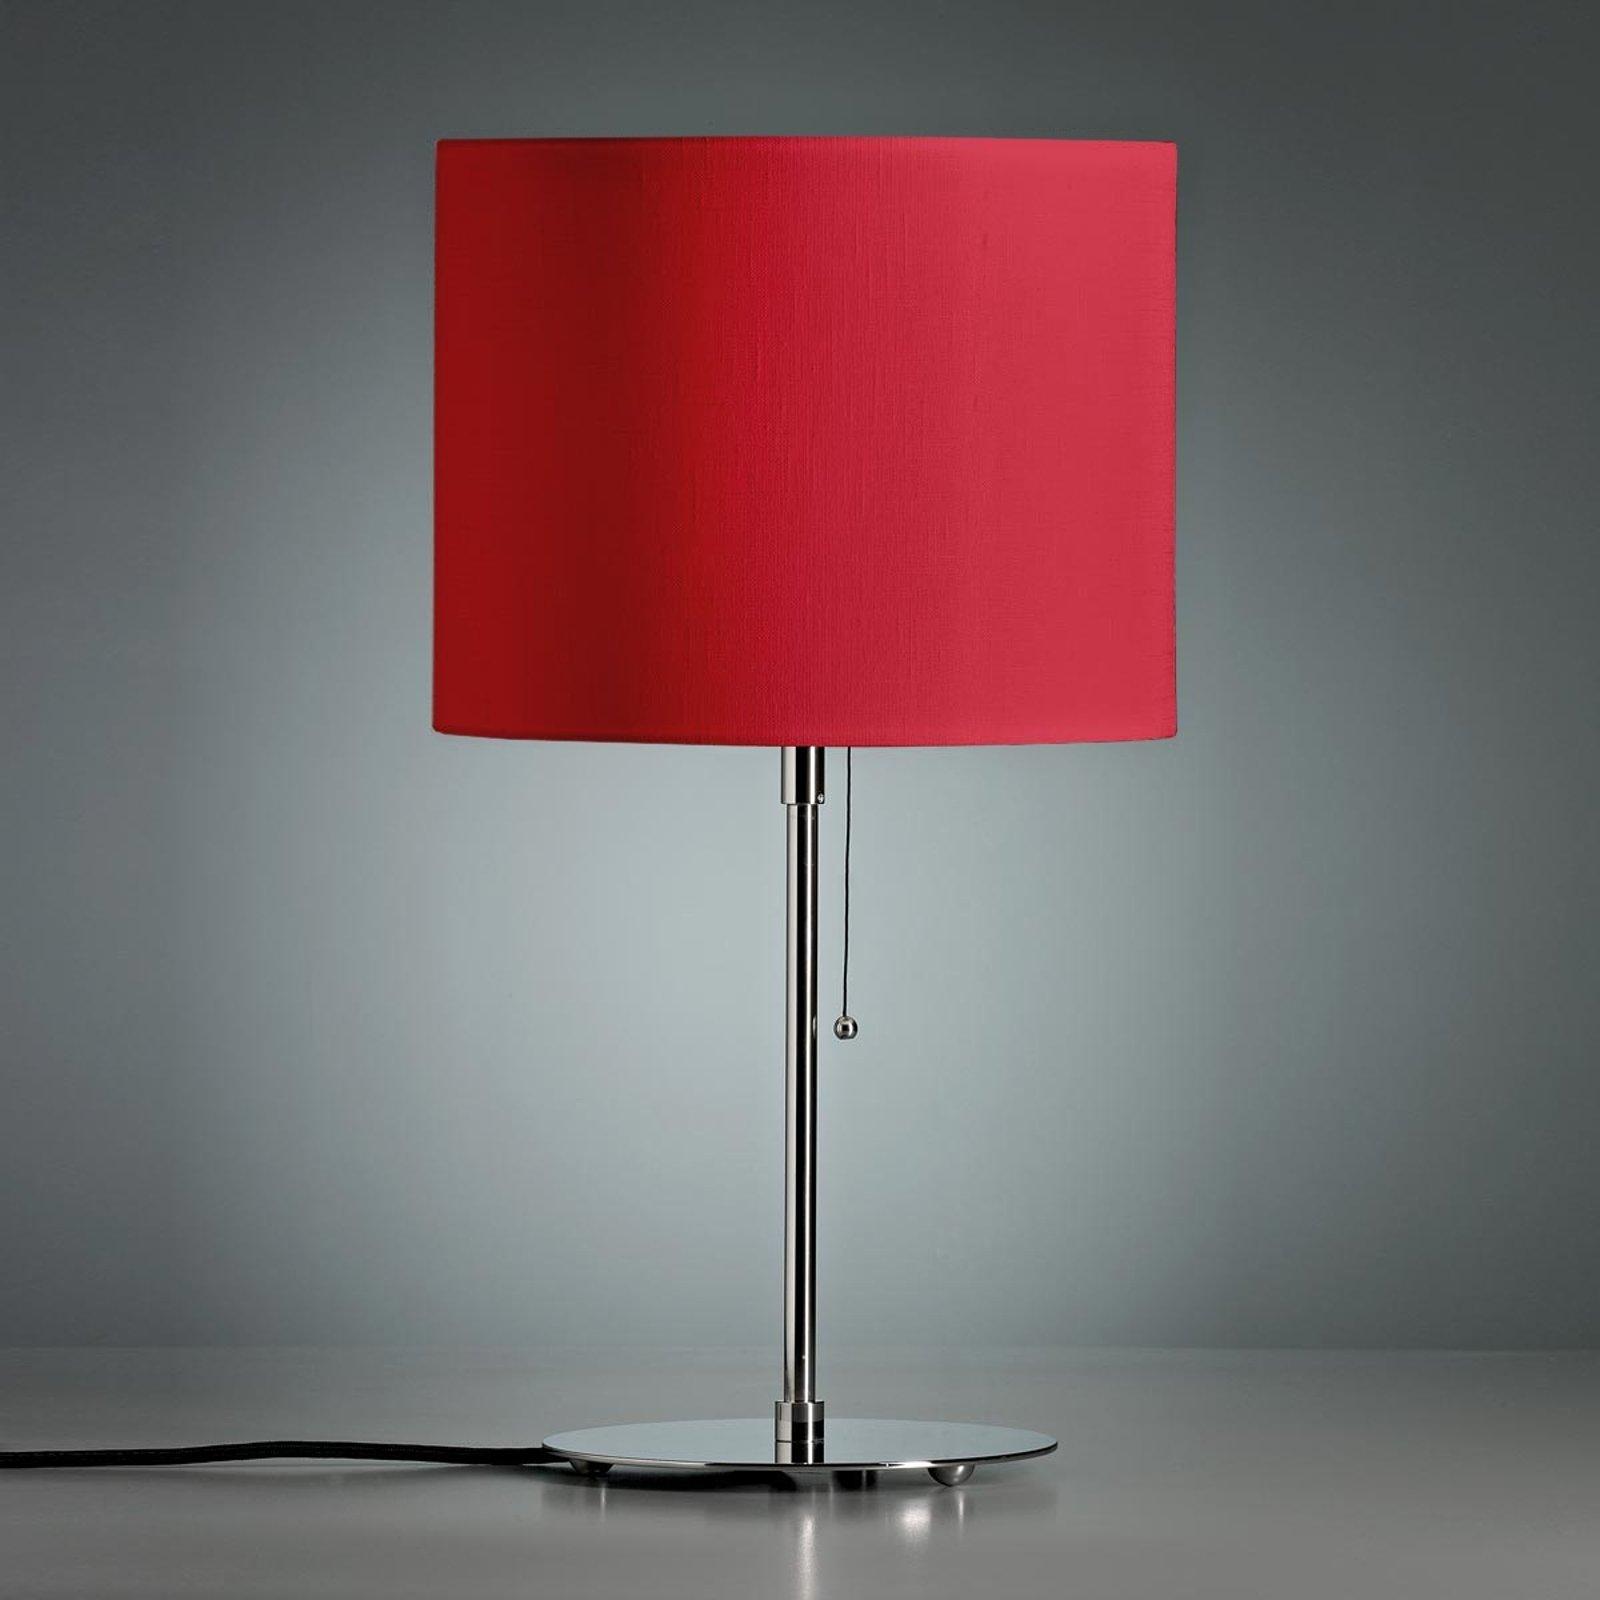 Bordlampe med farget linskjerm rød